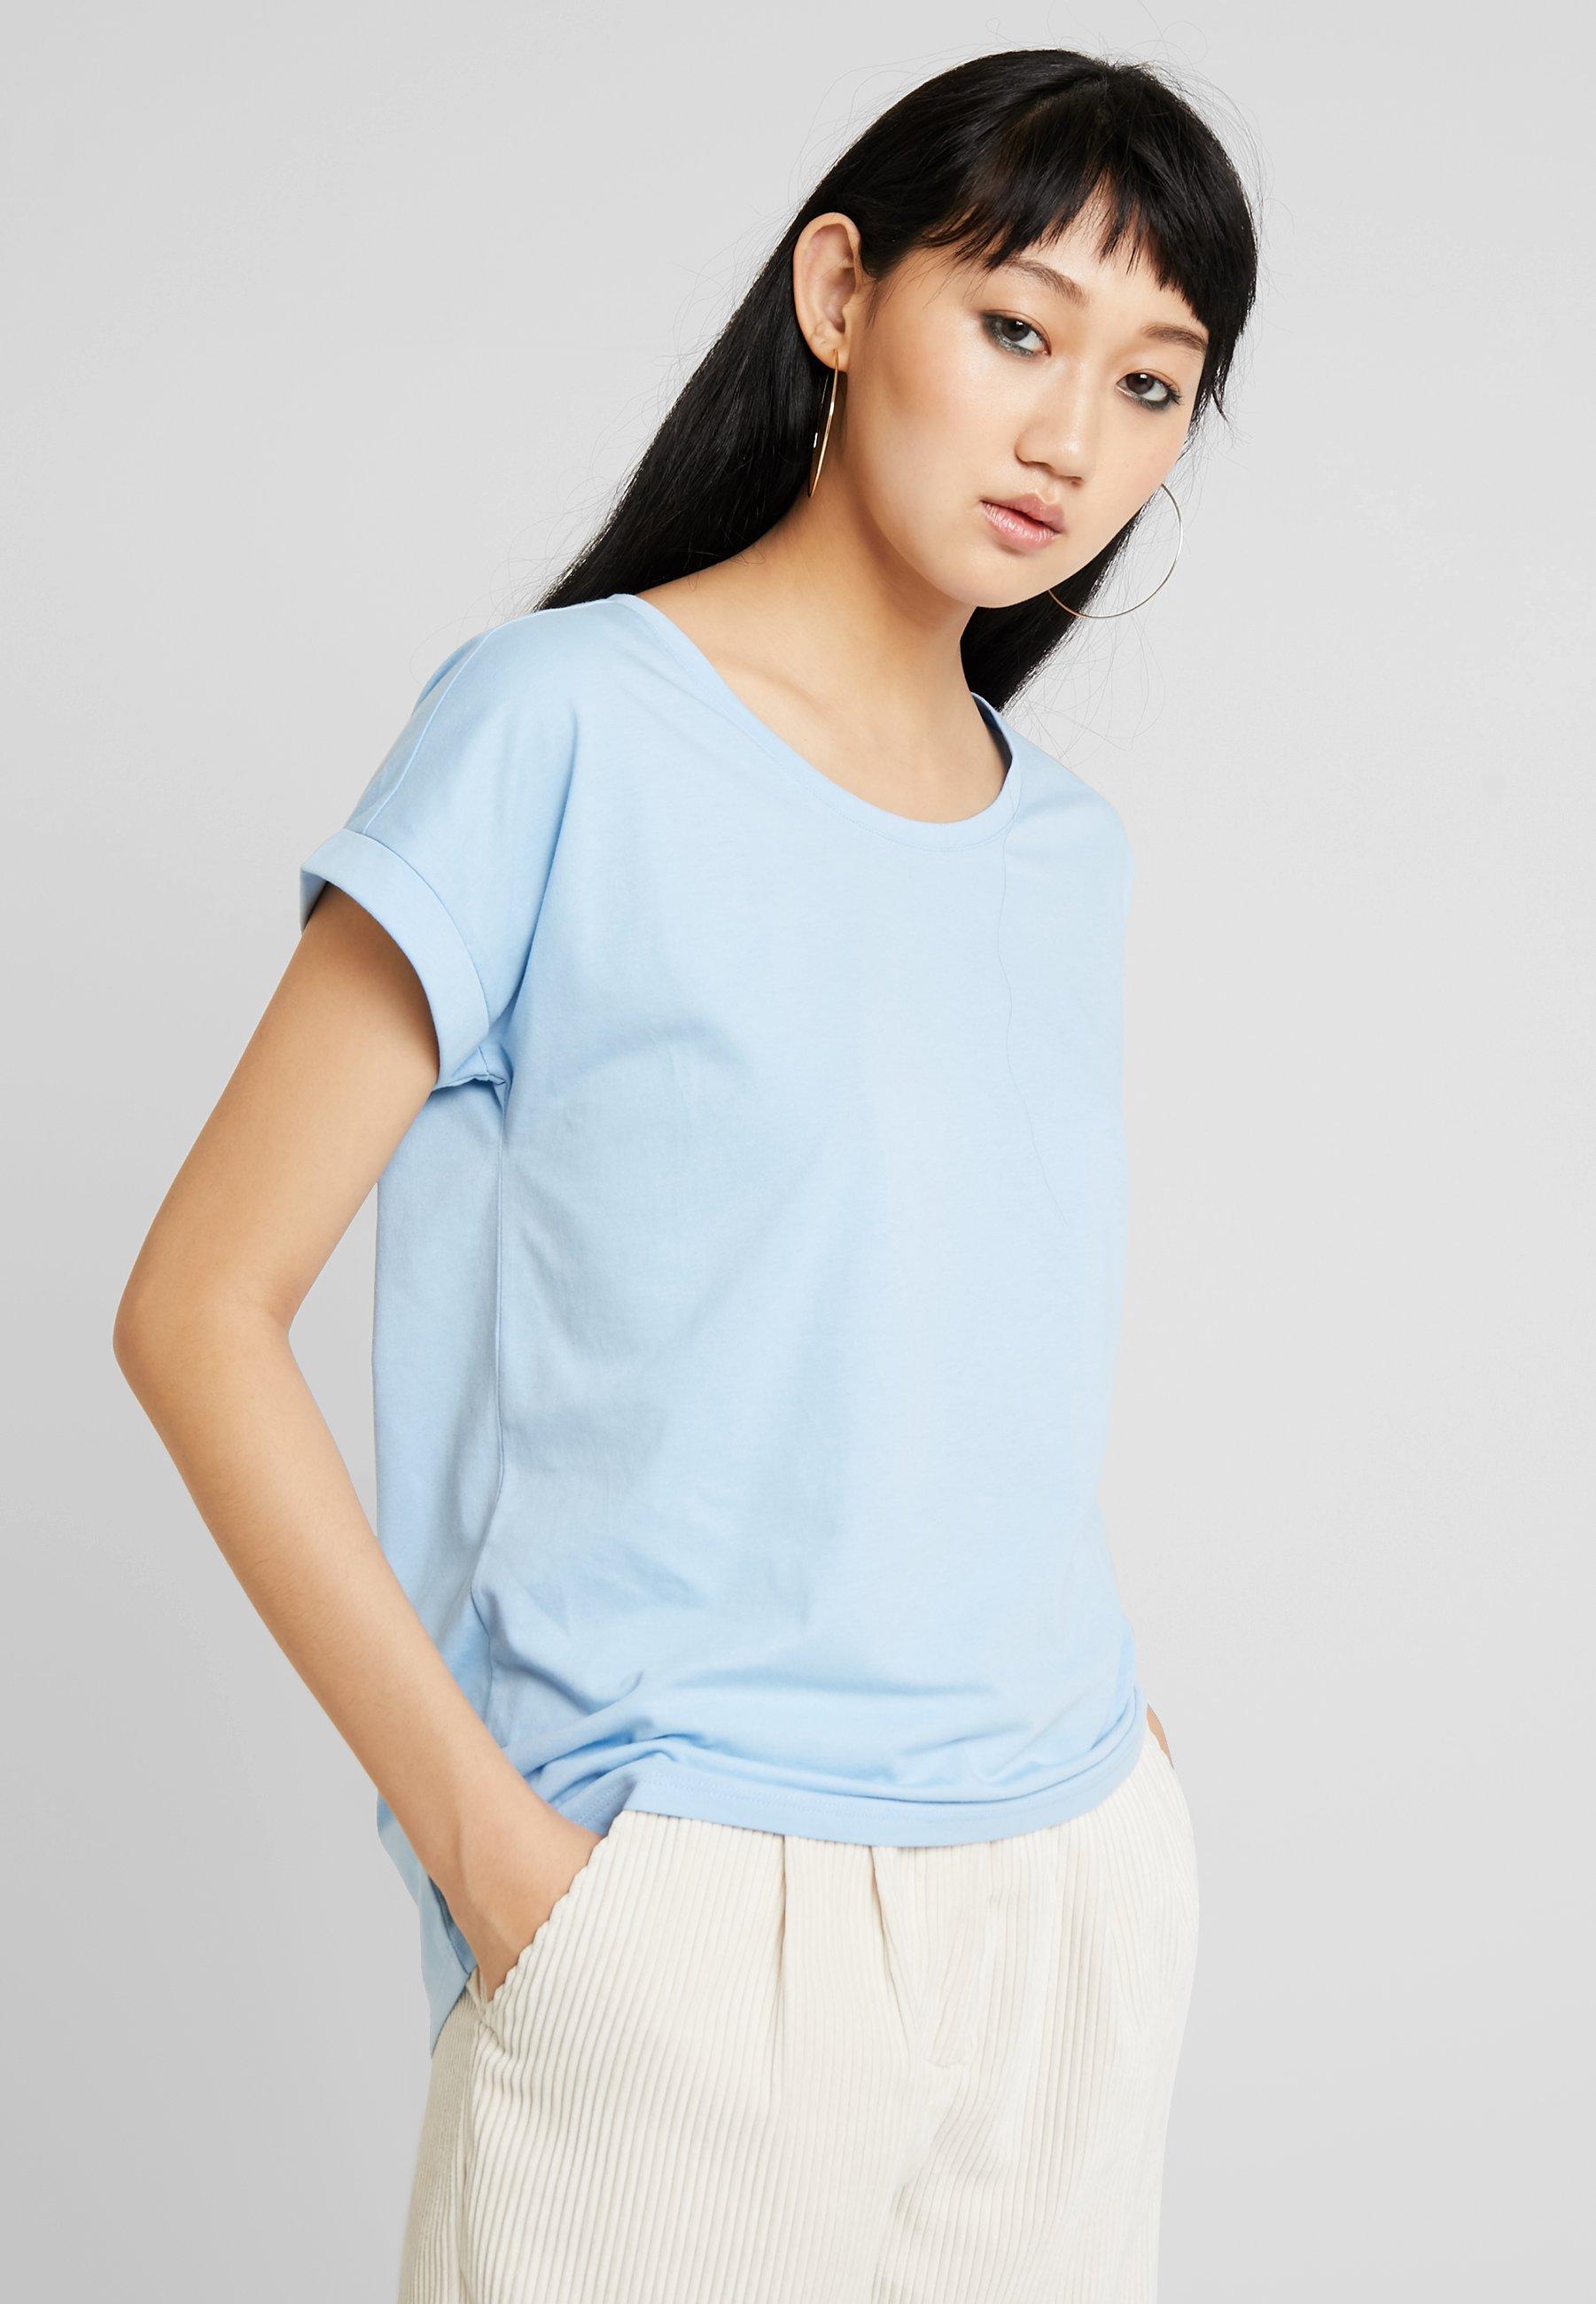 shirt Powder Vila Basique Blue Vidreamers PureT pGLMjSqUzV